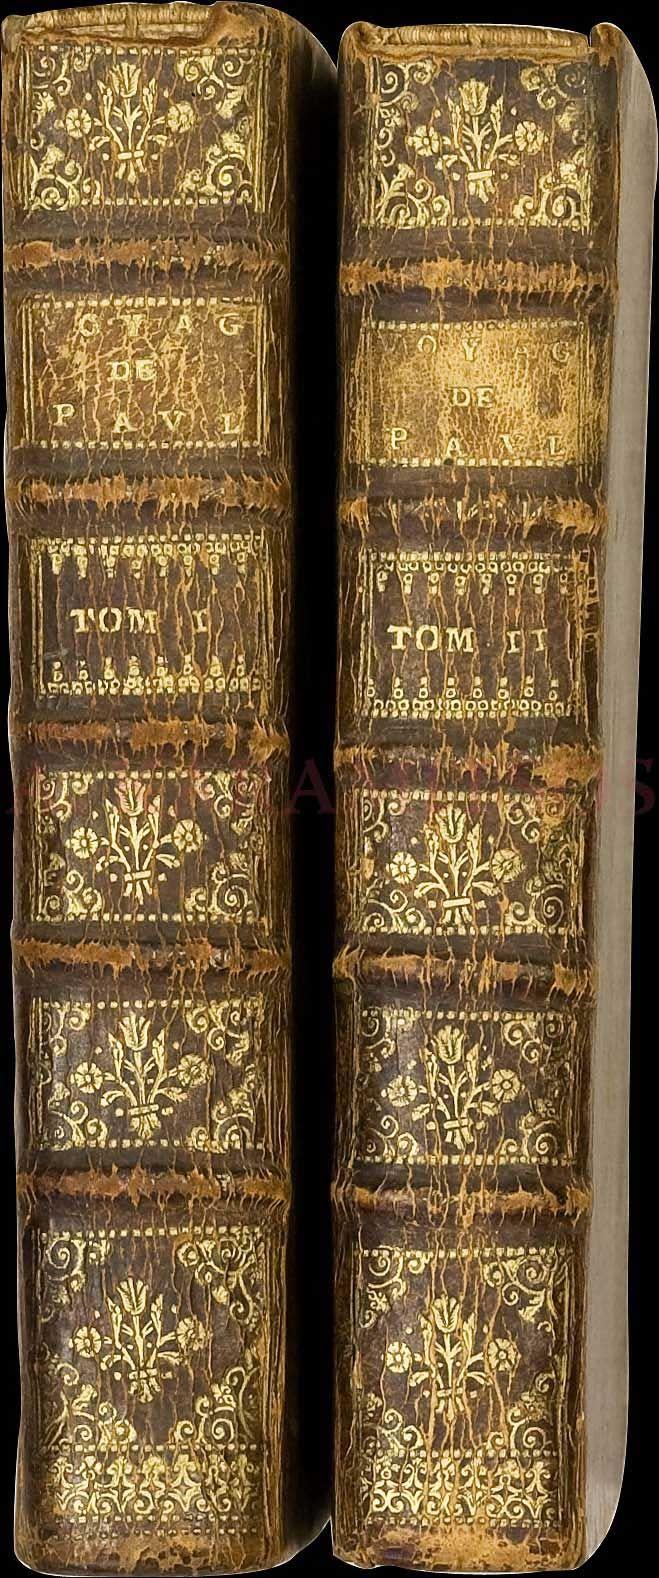 """Lucas Paul, """"Voyage du Sieur Paul Lucas fait par ordre du Roy dans la Grèce, l'Asie Mineure, la Macédoine et l'Afrique"""", Paris, Simart, 1712, complete in 2 volumes."""